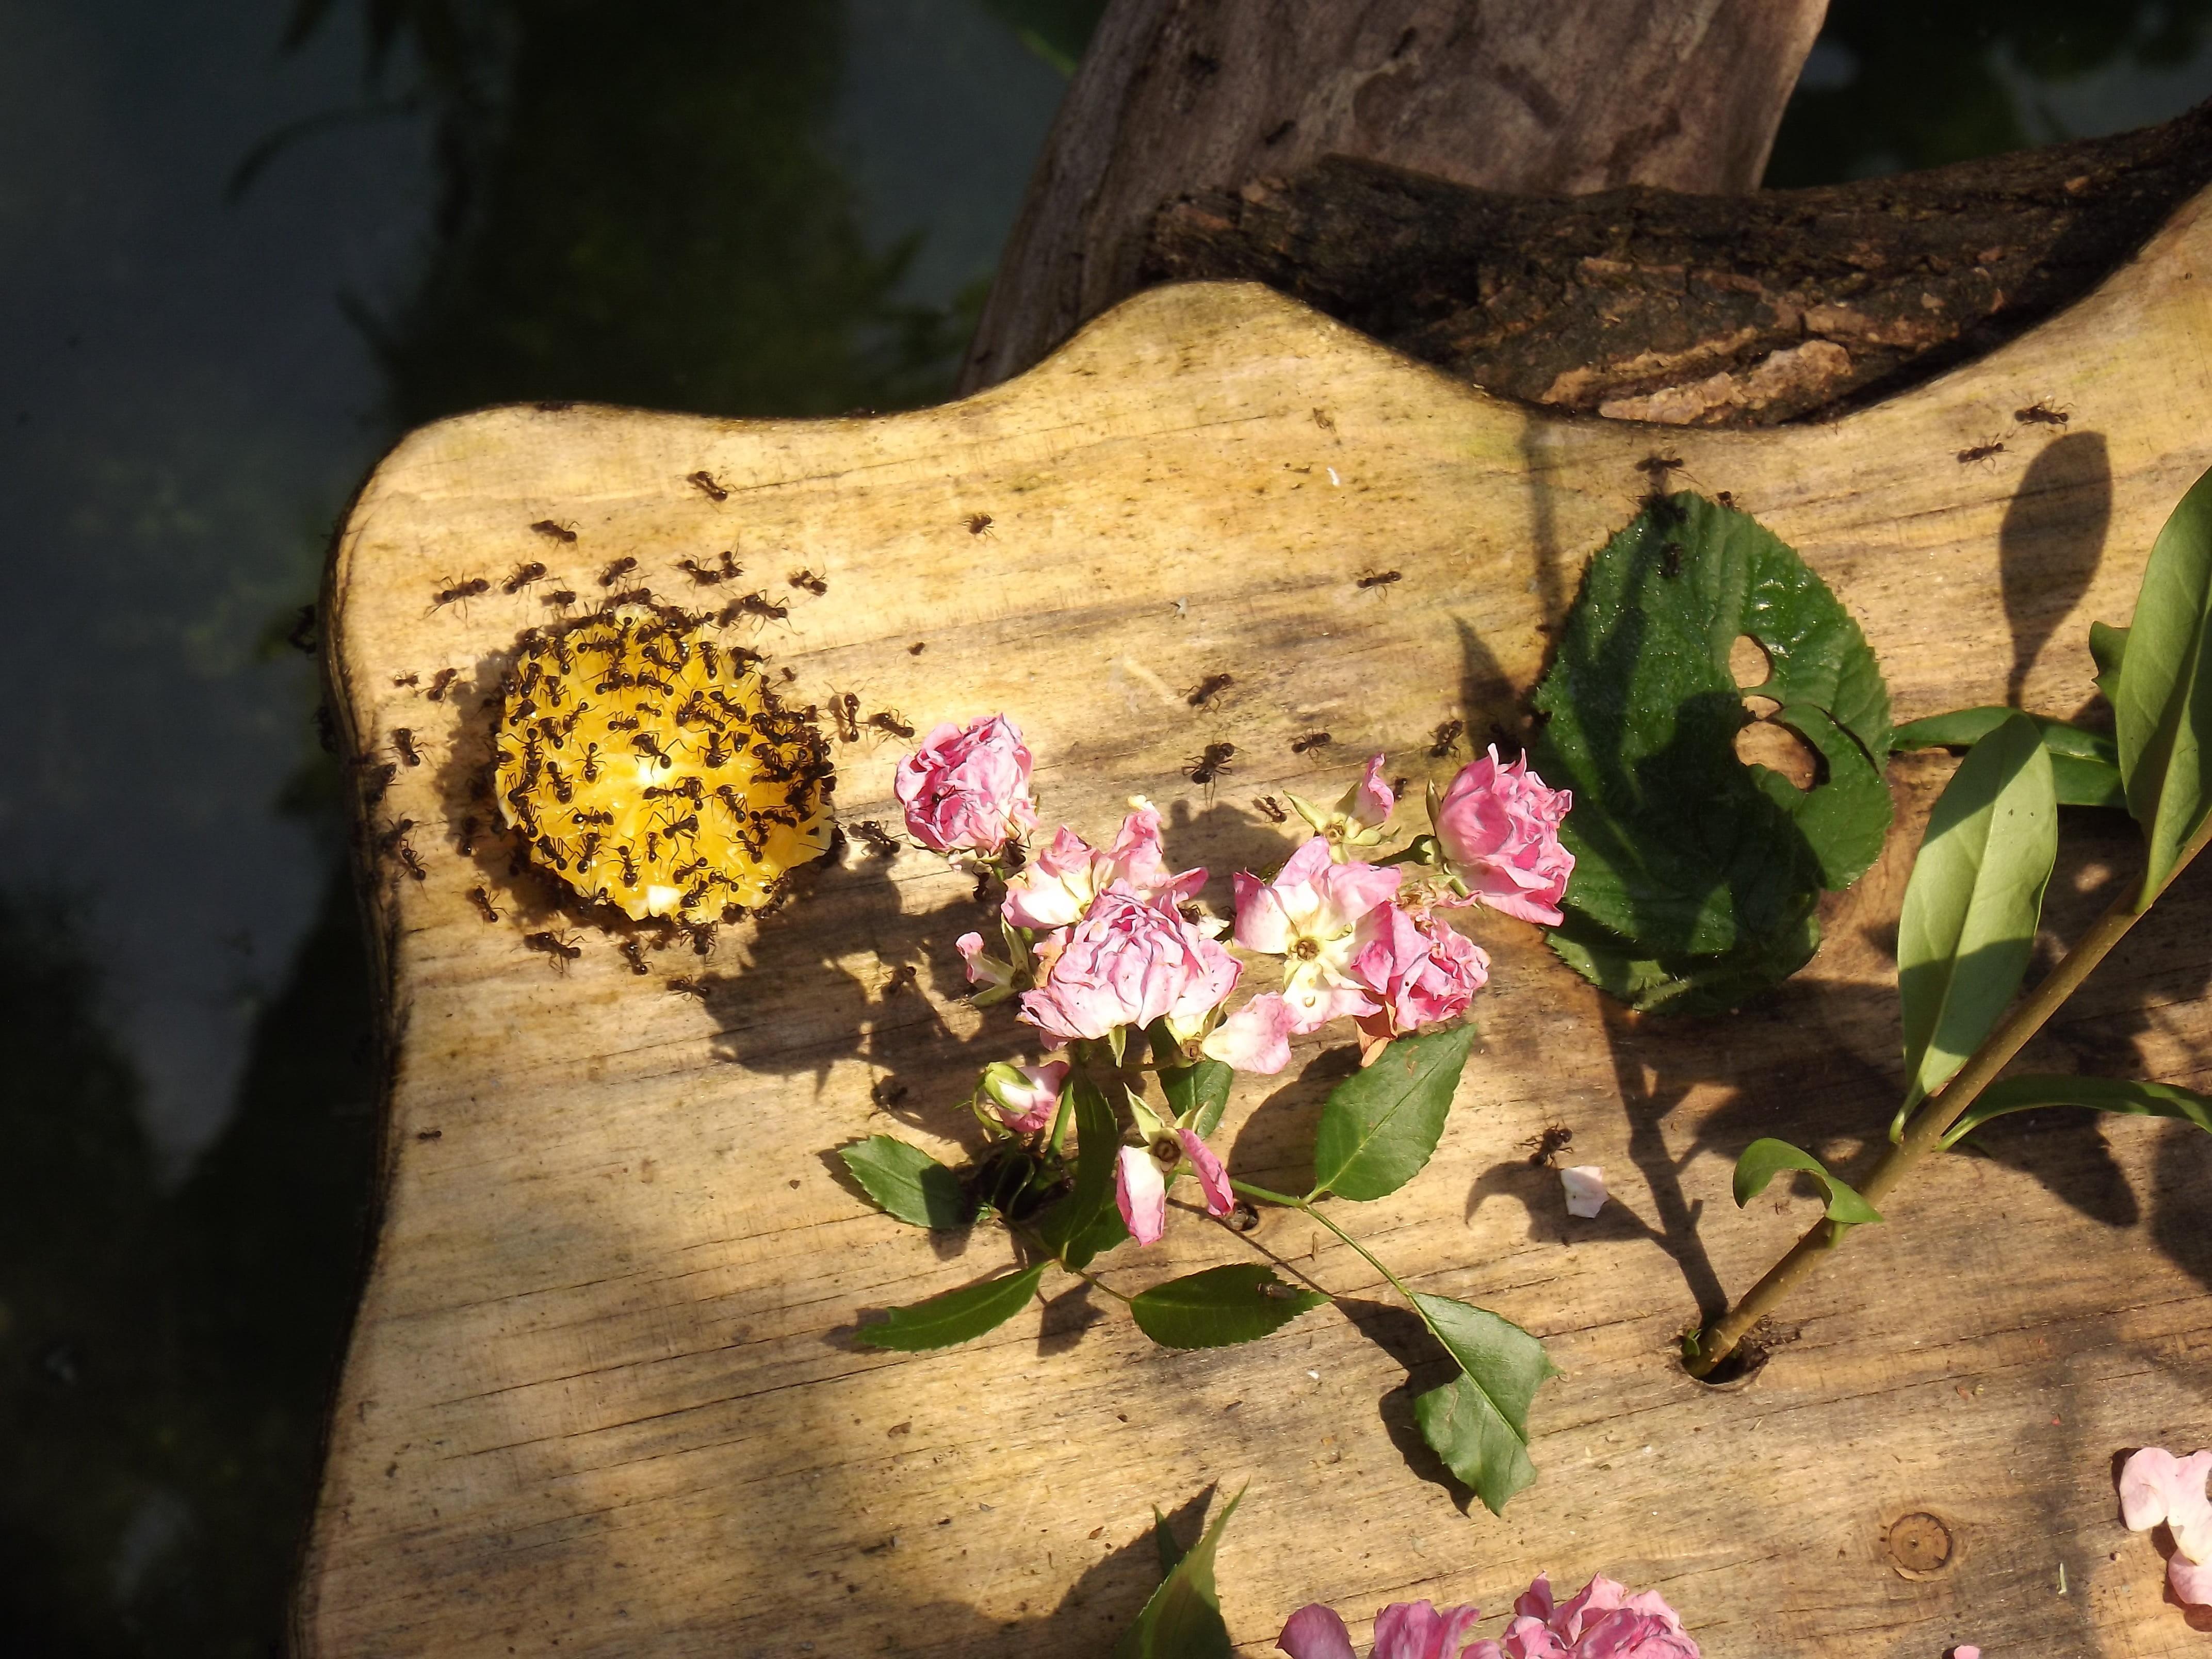 Faire Fuir Les Fourmis fourmis au jardin : que faire ? quels remedes naturels ?